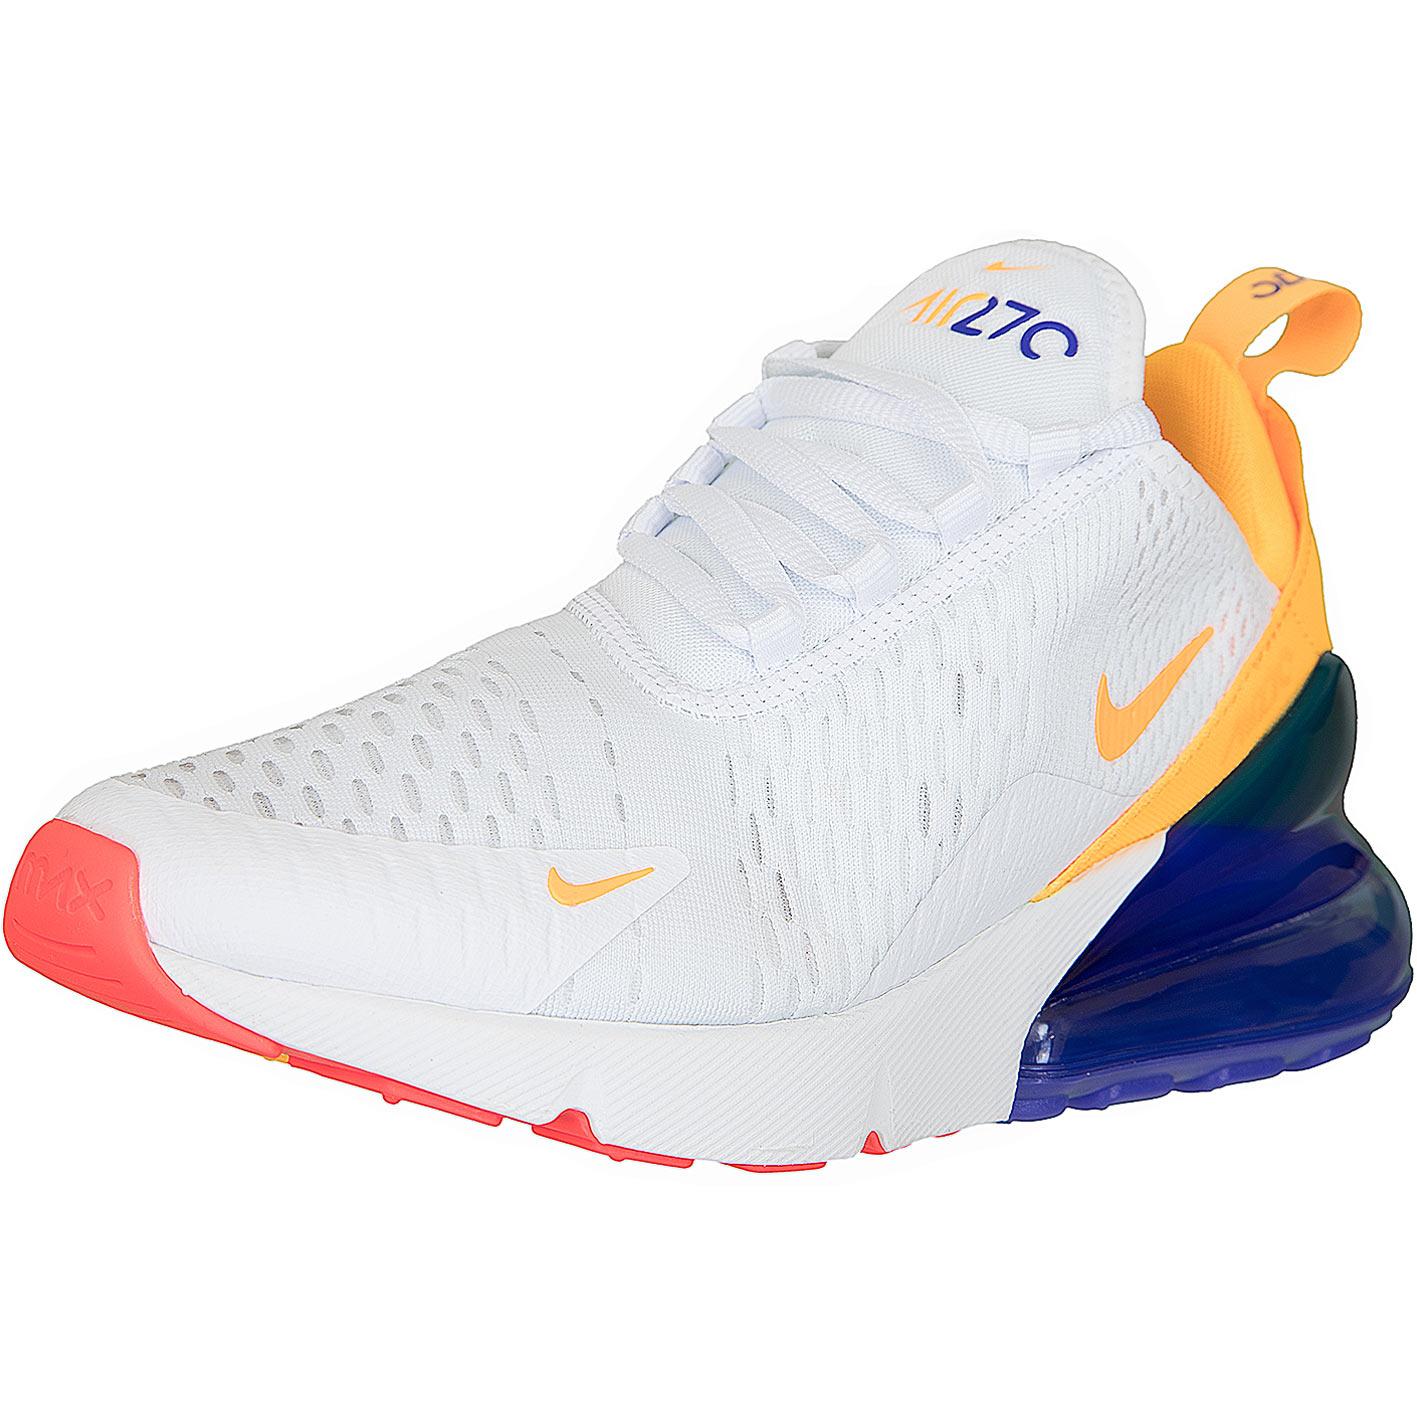 Leistungssportbekleidung Outlet zum Verkauf neue Season ☆ Nike Damen Sneaker Air Max 270 weiß/violett - hier bestellen!